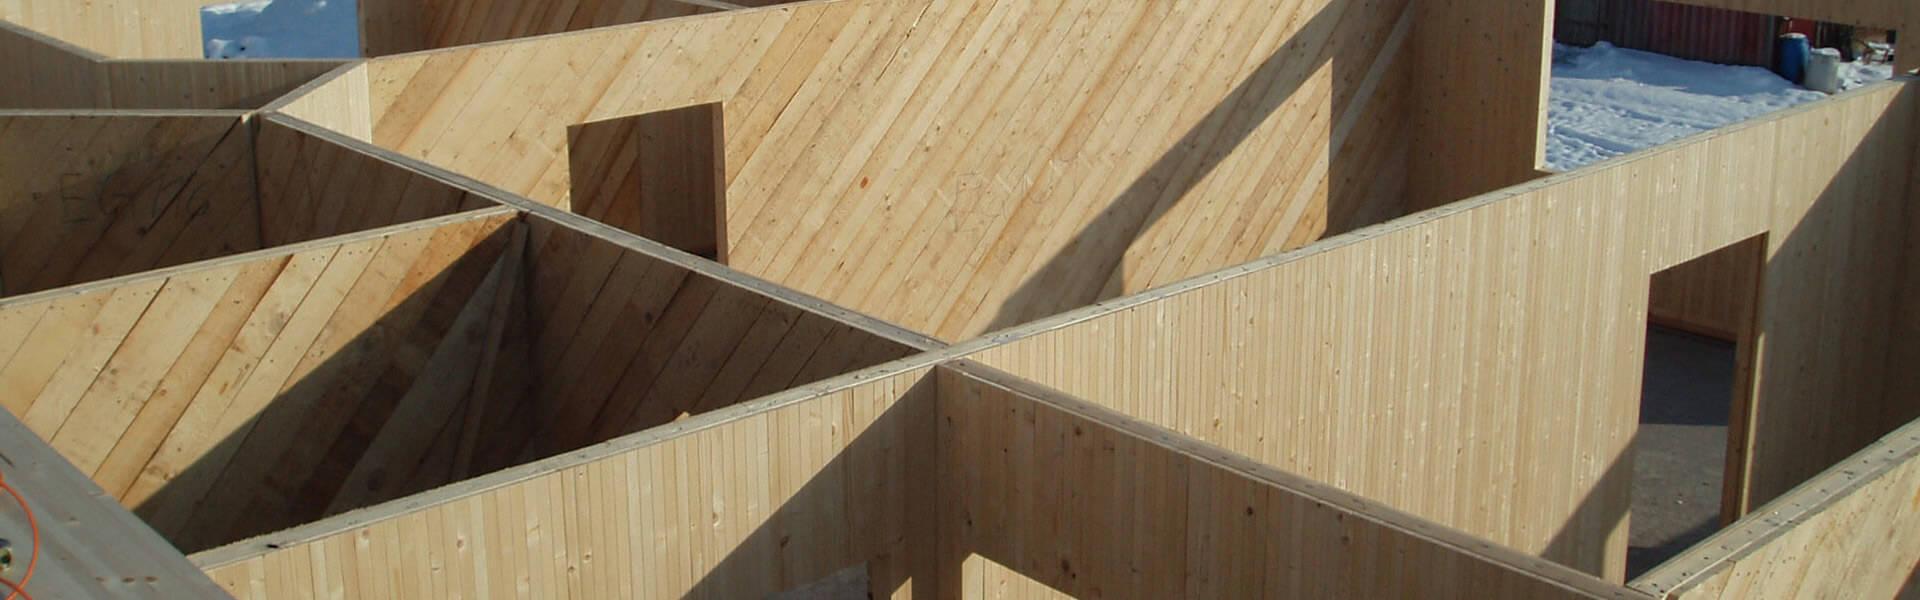 Baustelle bei Holzbau Reichart in Marktoberdorf im Allgäu